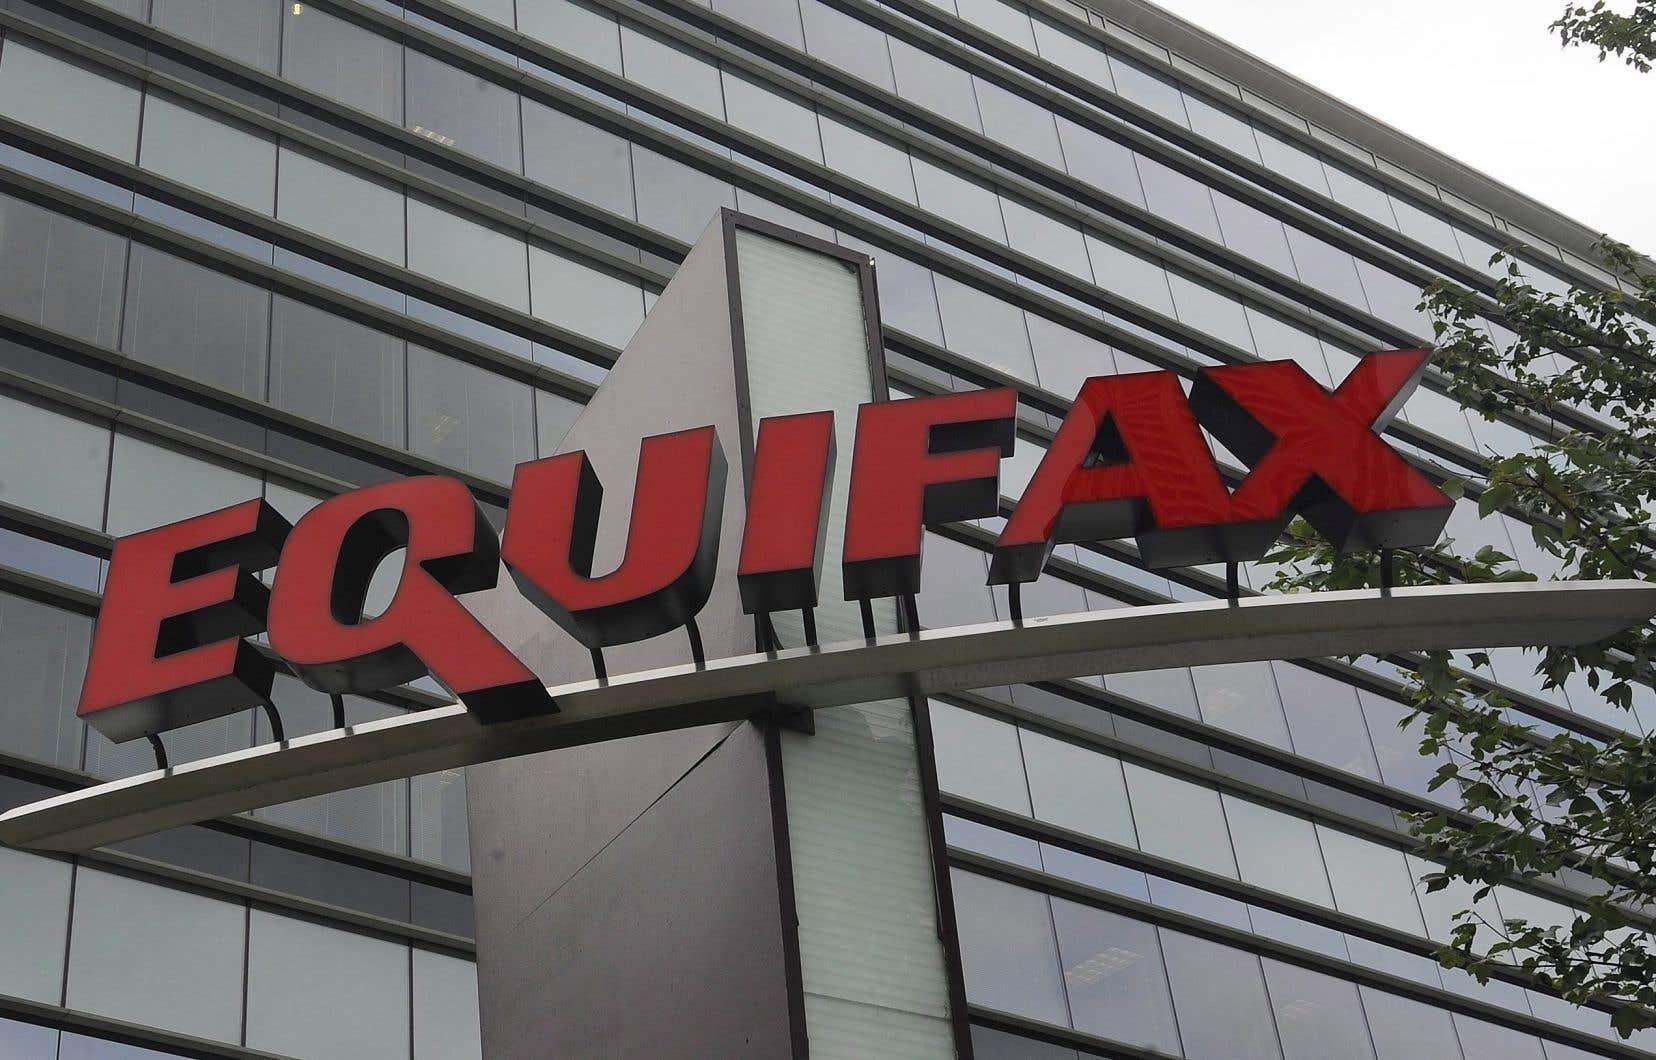 Les systèmes informatiques de l'agence d'évaluation du crédit Equifax ont été piratés«en raison d'une vulnérabilité que la société connaissait depuis plus de deux mois, mais n'avait pas corrigée».